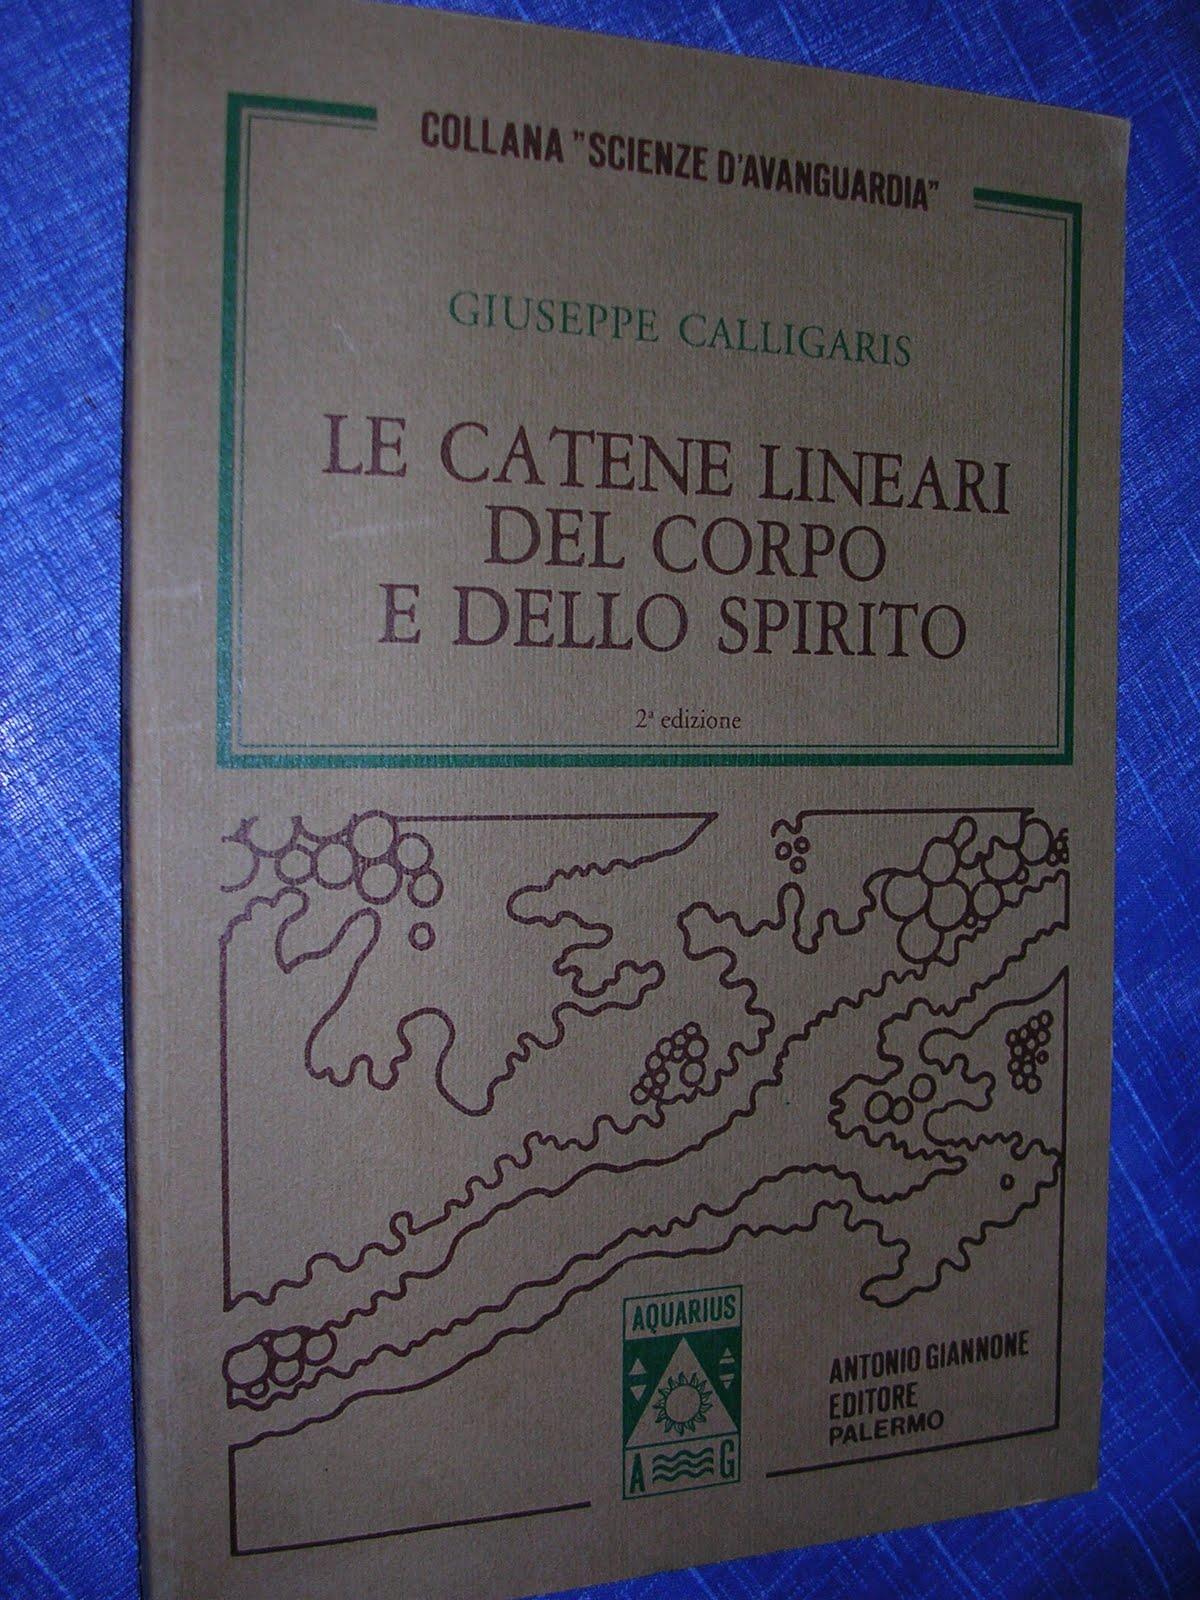 Vuoi un libro le catene lineari del corpo e dello spirito for Calligaris giuseppe